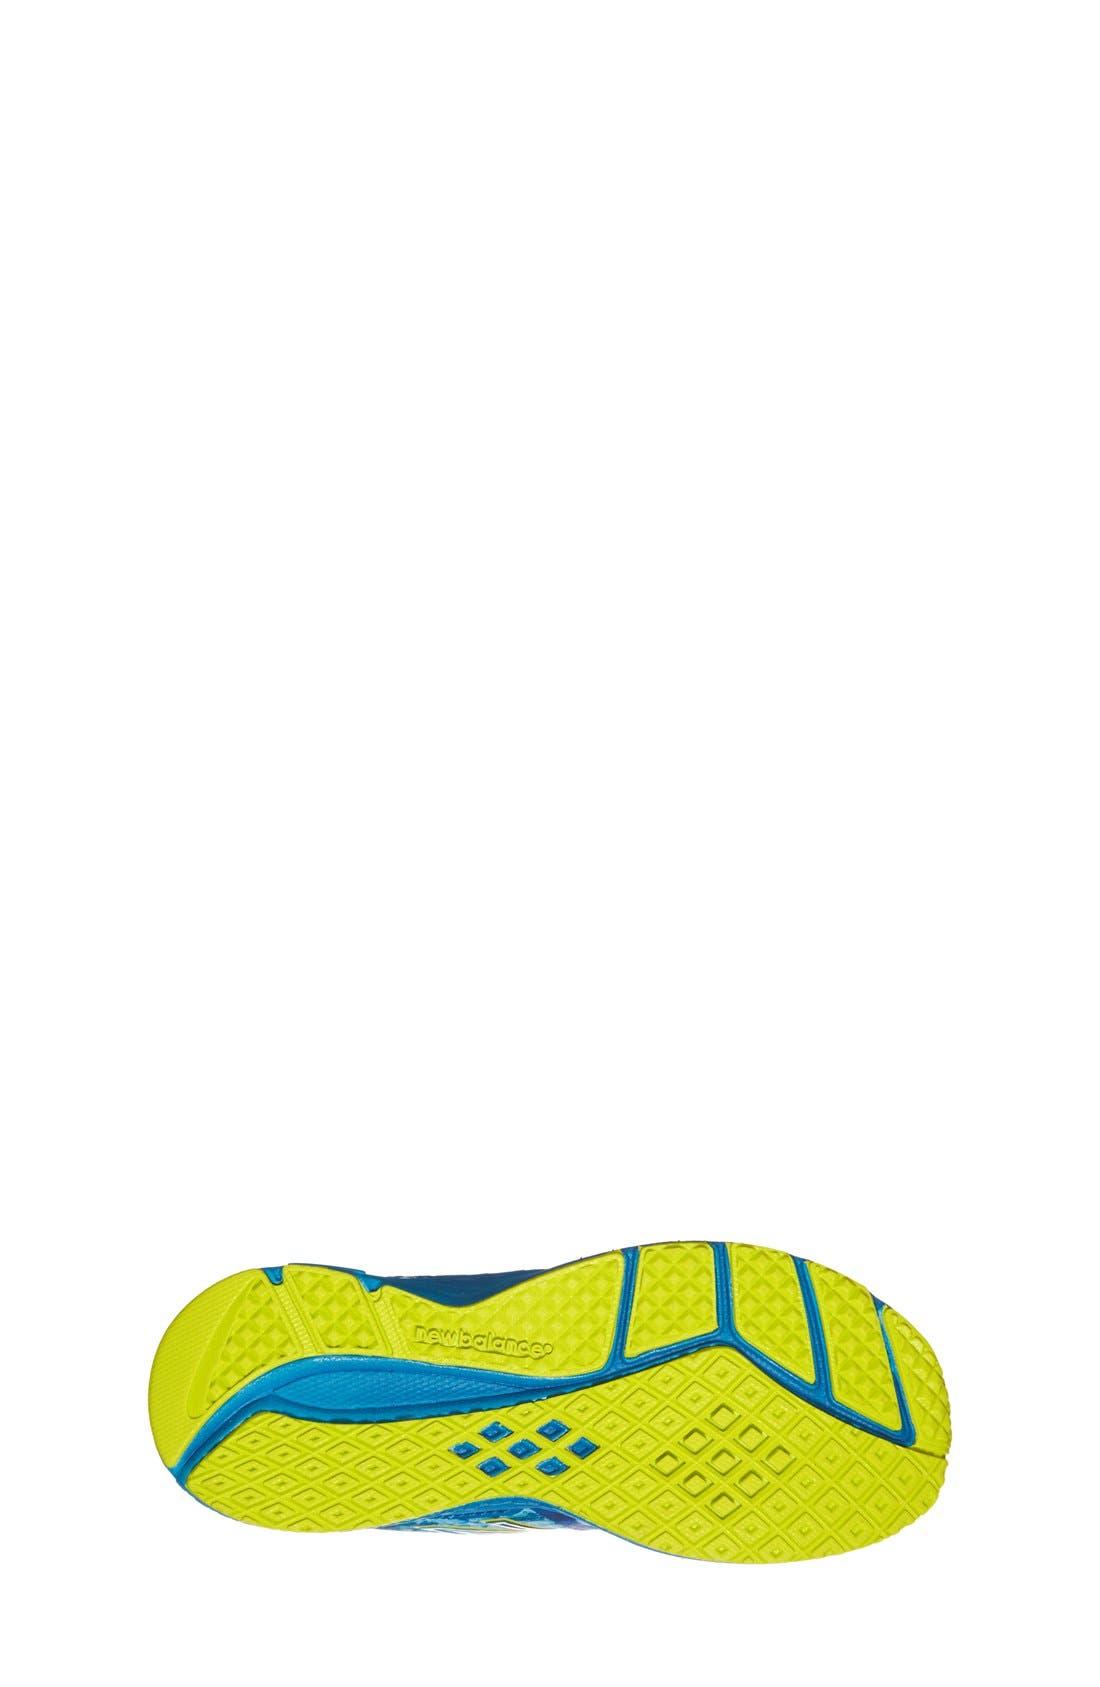 Alternate Image 4  - New Balance '890 - Python' Sneaker (Toddler & Little Kid)